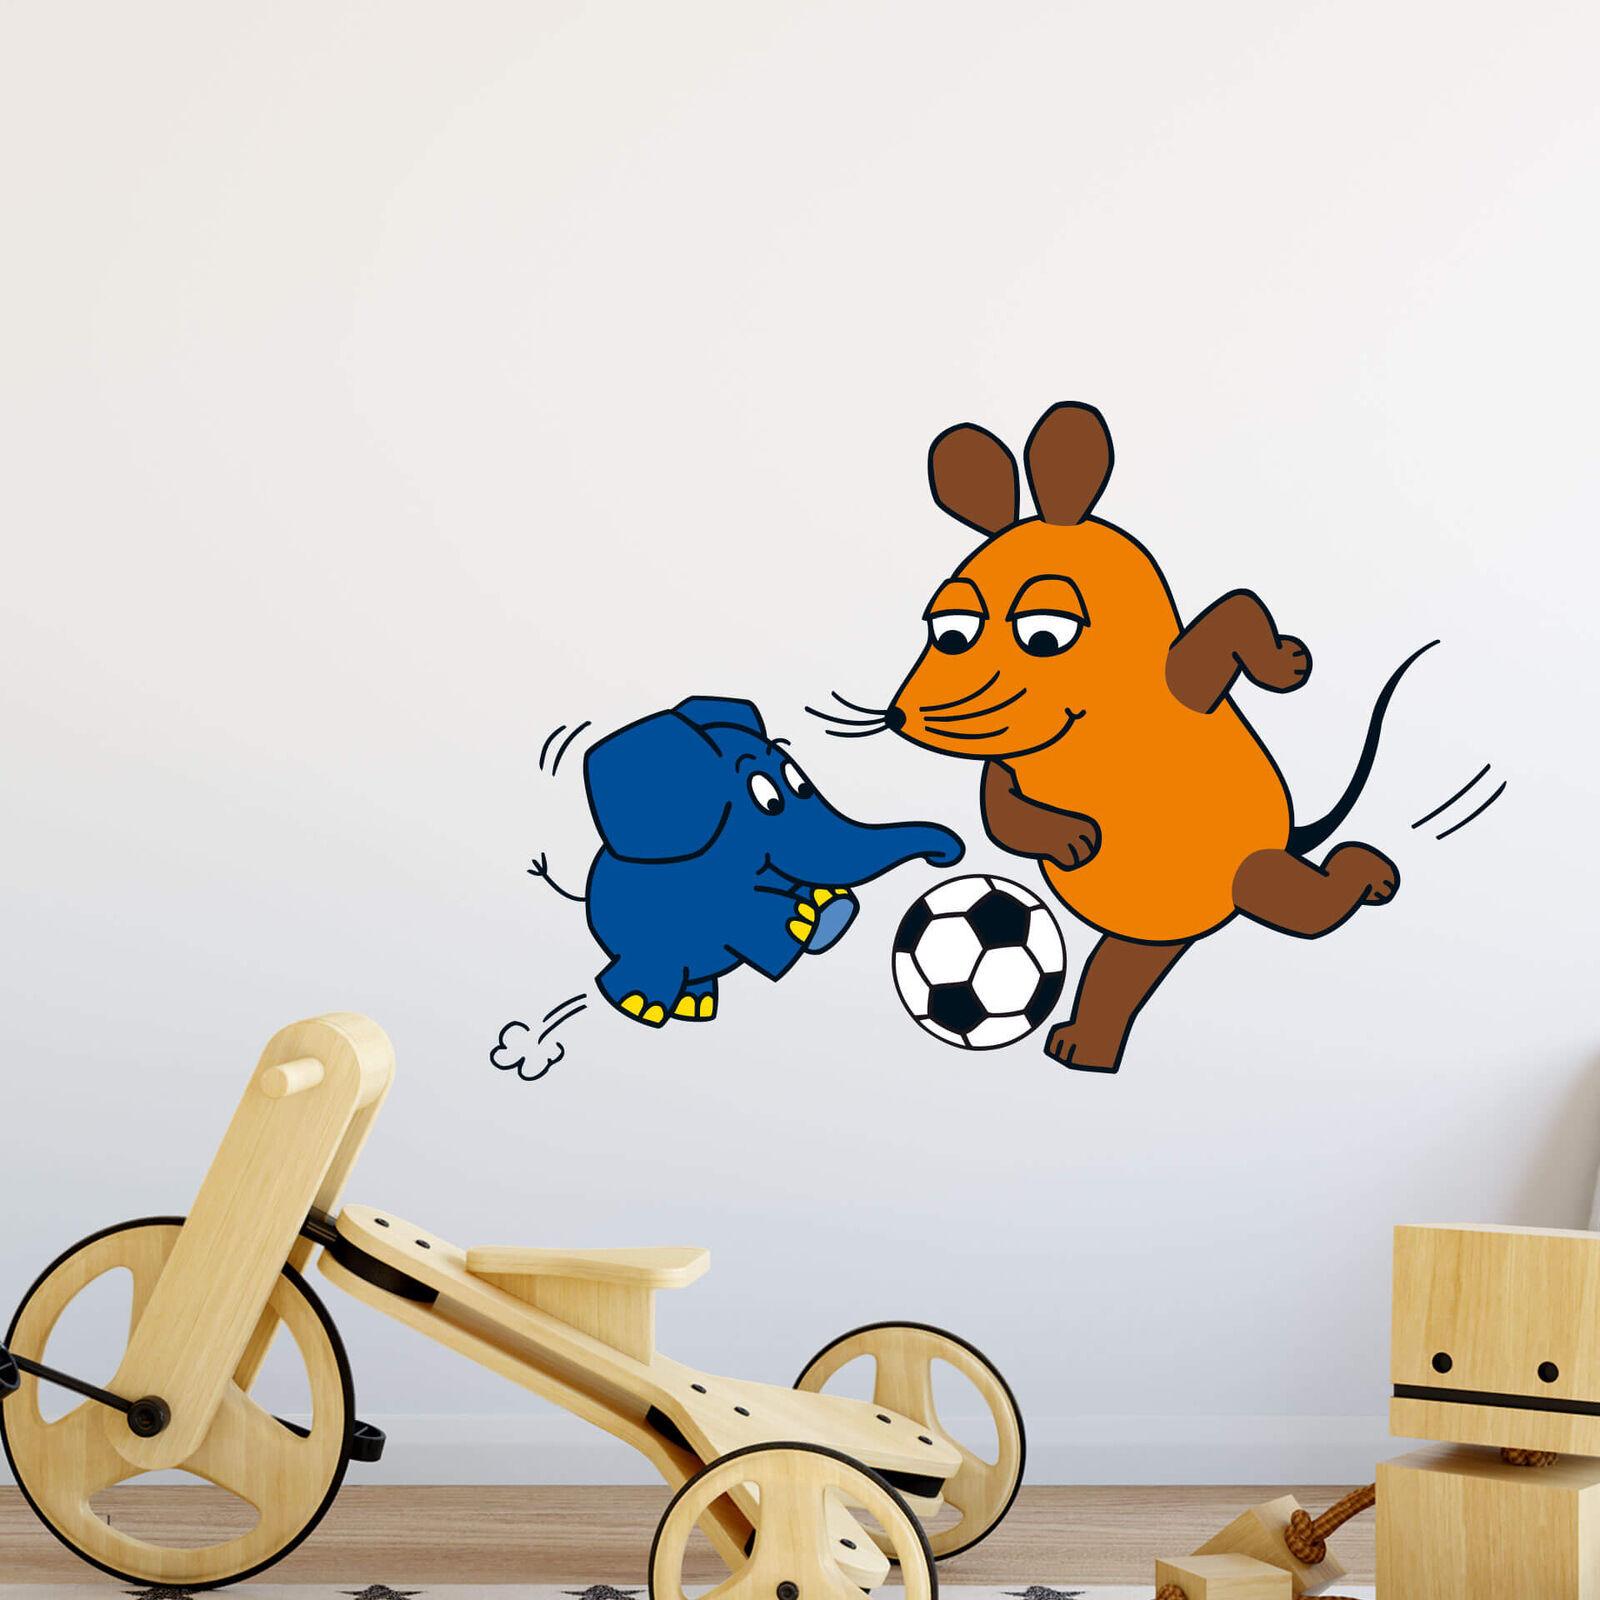 Wandtattoo Die Maus Kampf um den Ball Wandaufkleber Wandfolie Klebebild Wanddeko